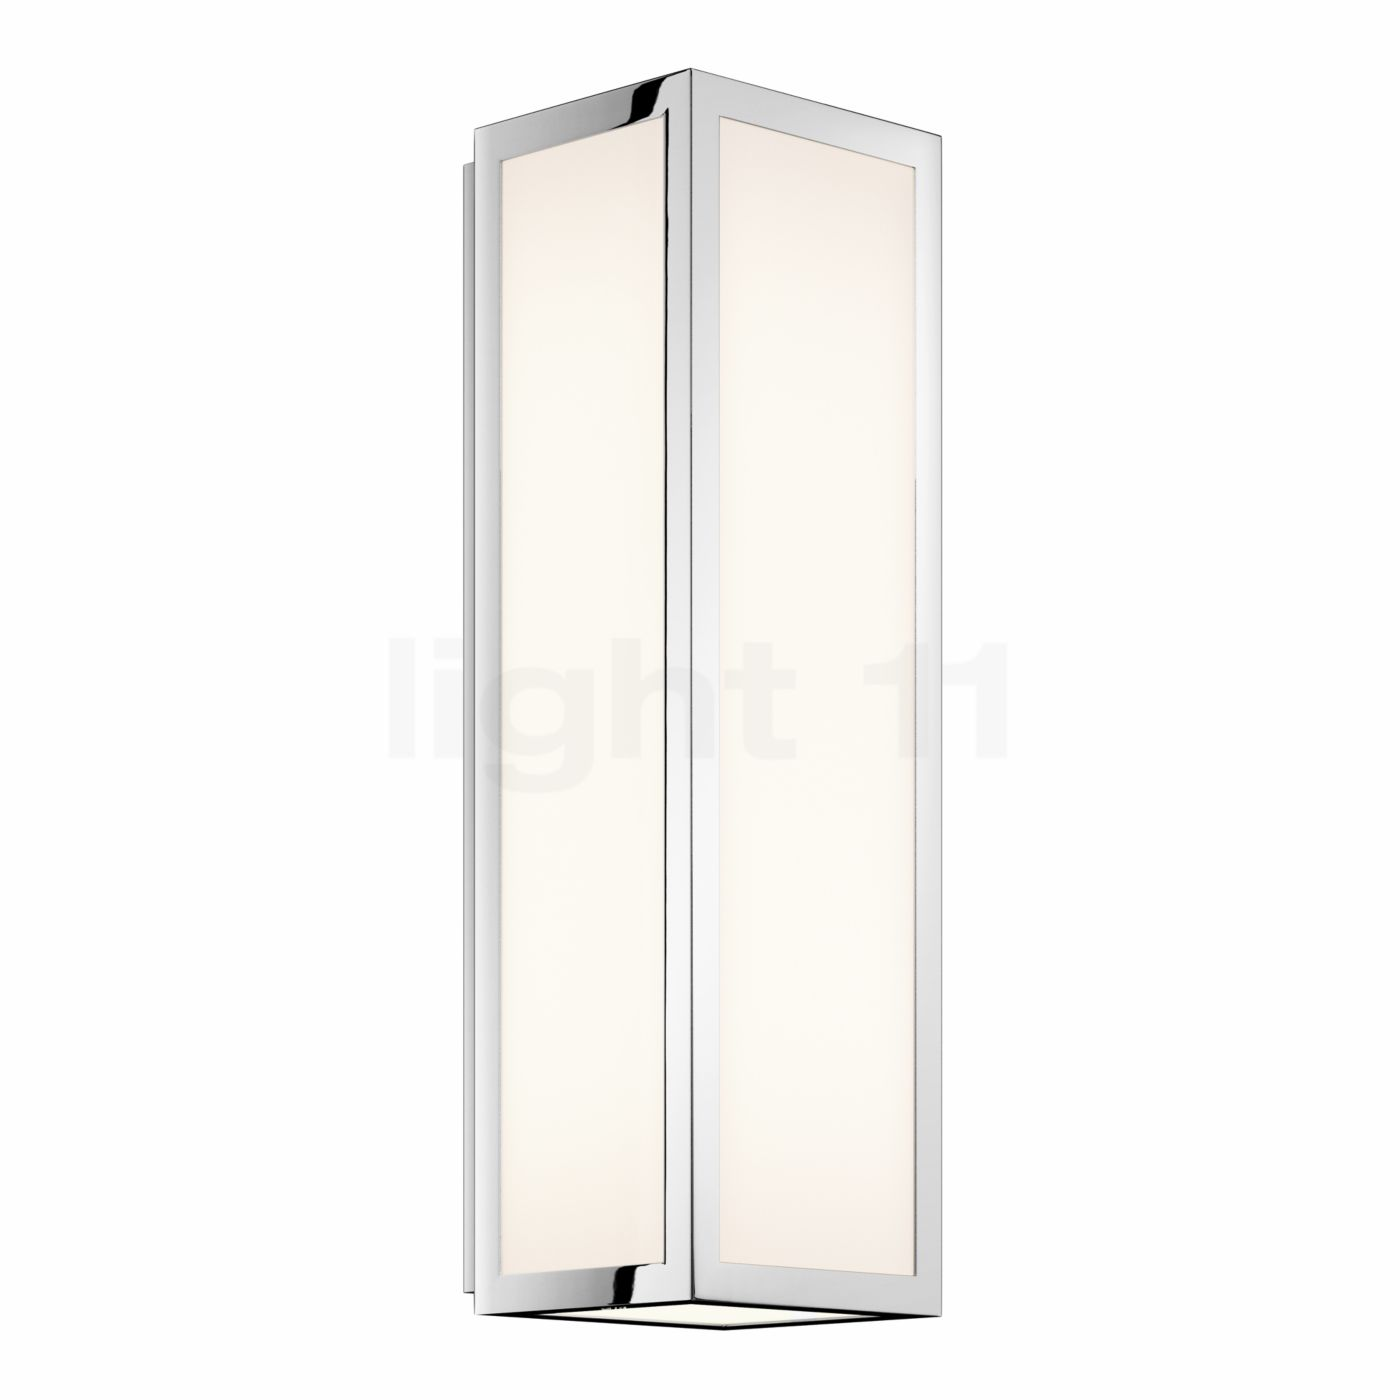 Decor Walther Bauhaus 1 N Led Kaufen Bei Light11 De